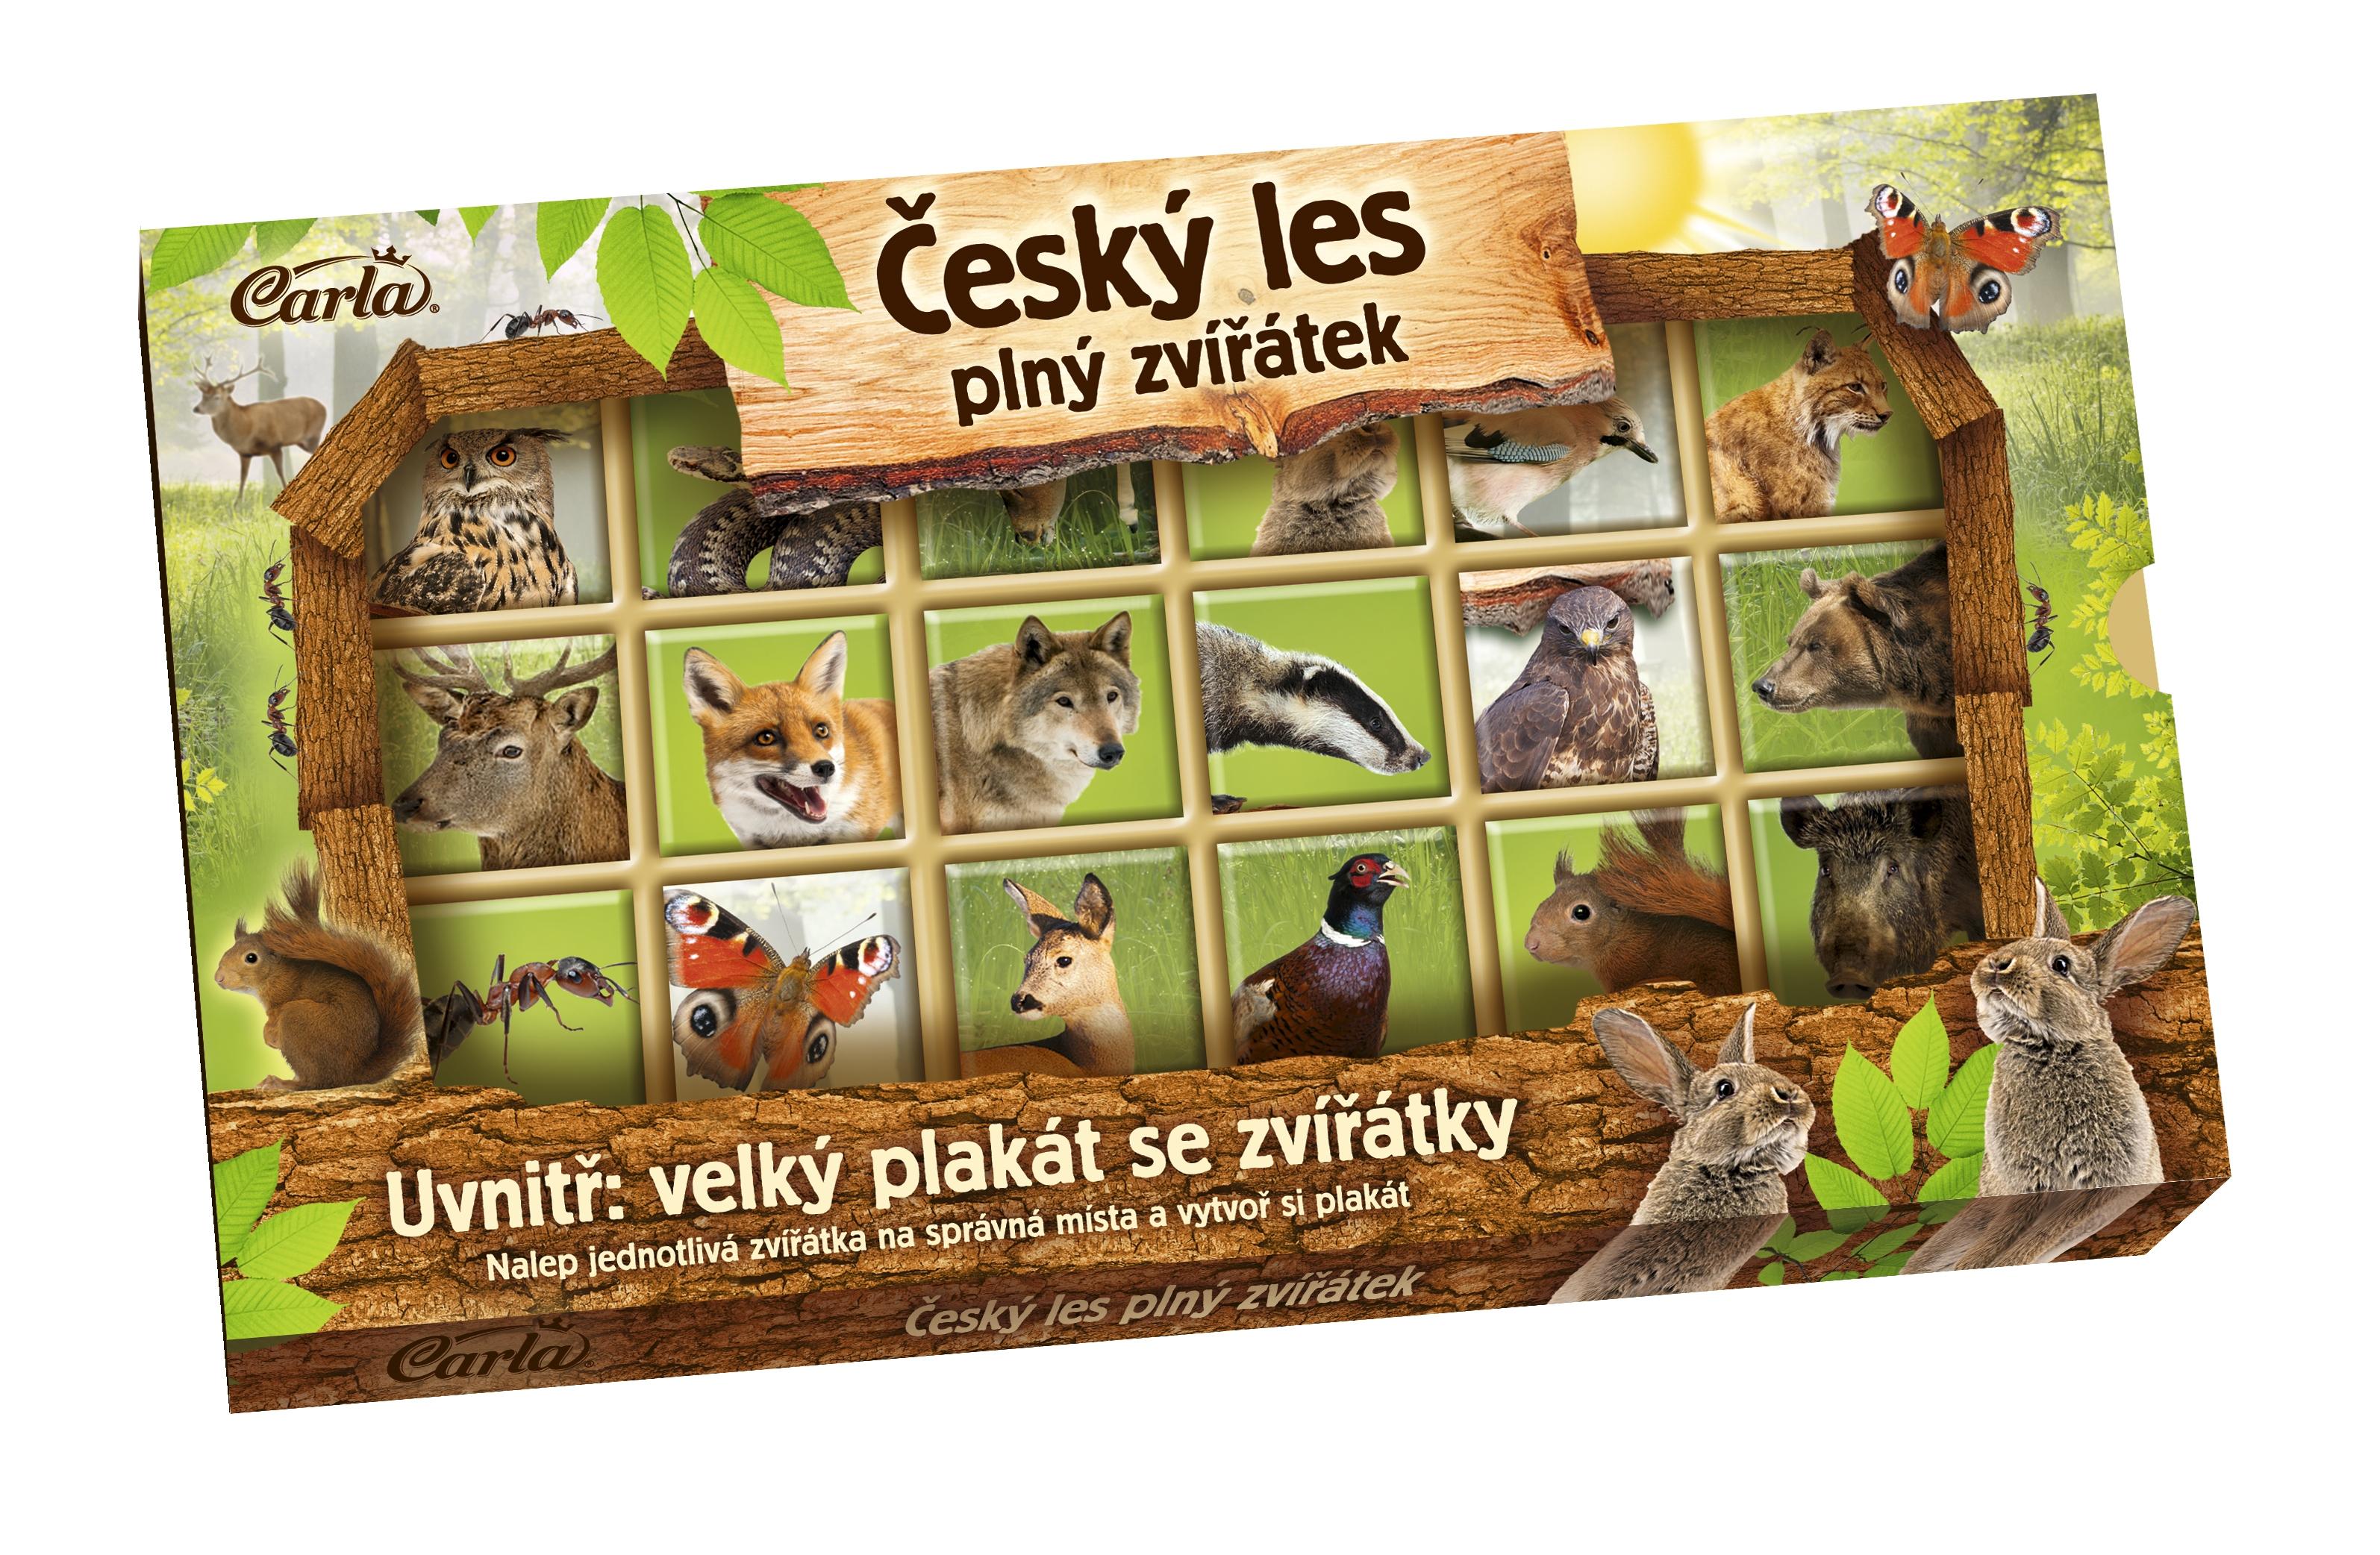 Značka Český les